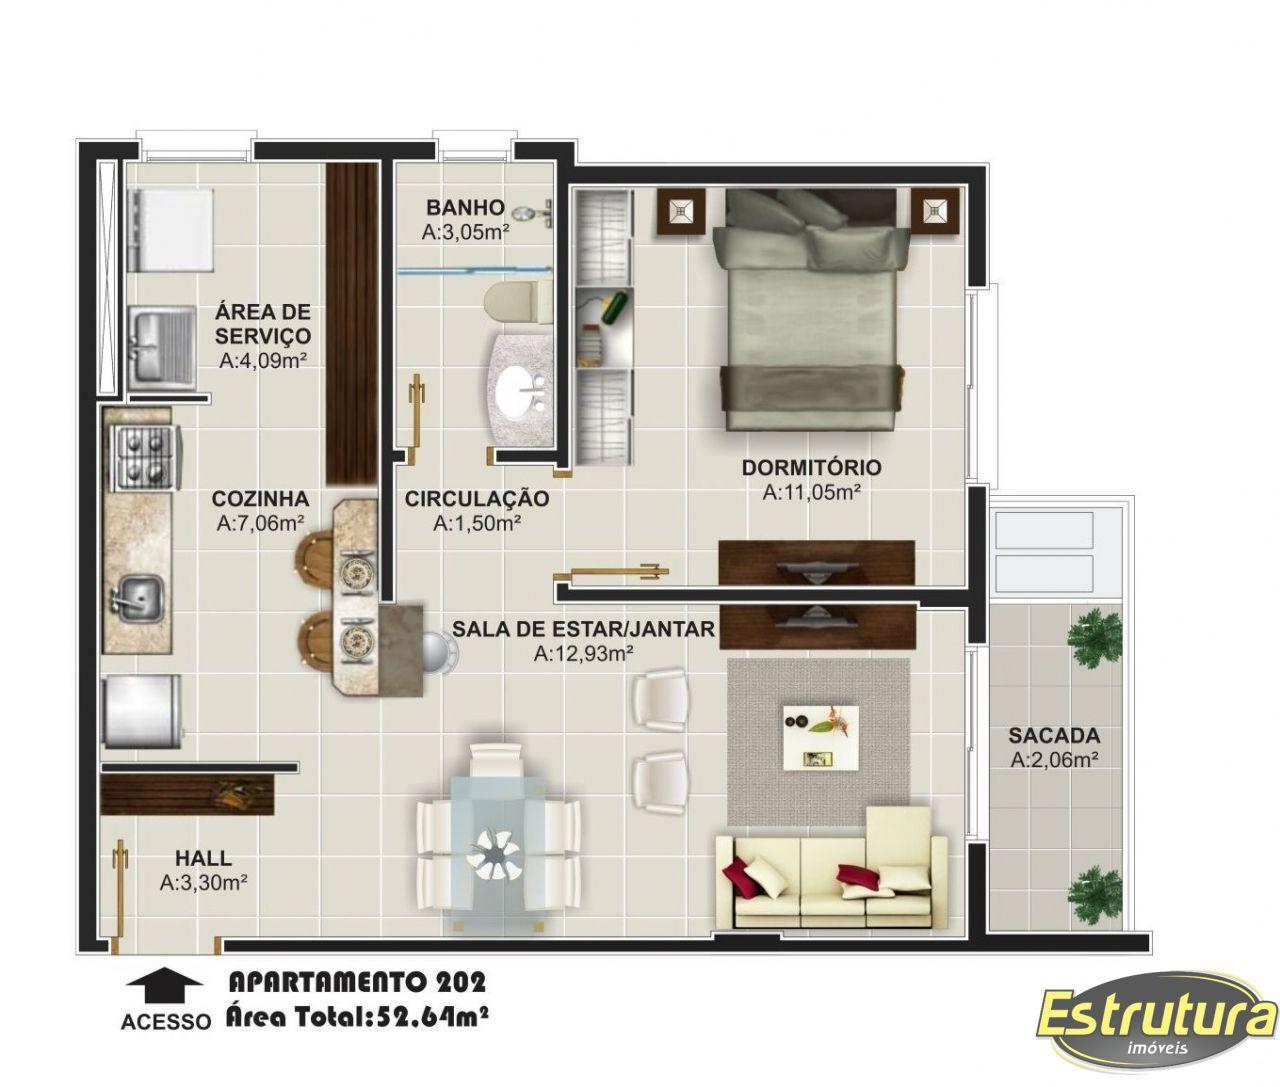 Apartamento com 2 Dormitórios à venda, 52 m² por R$ 868.556,00